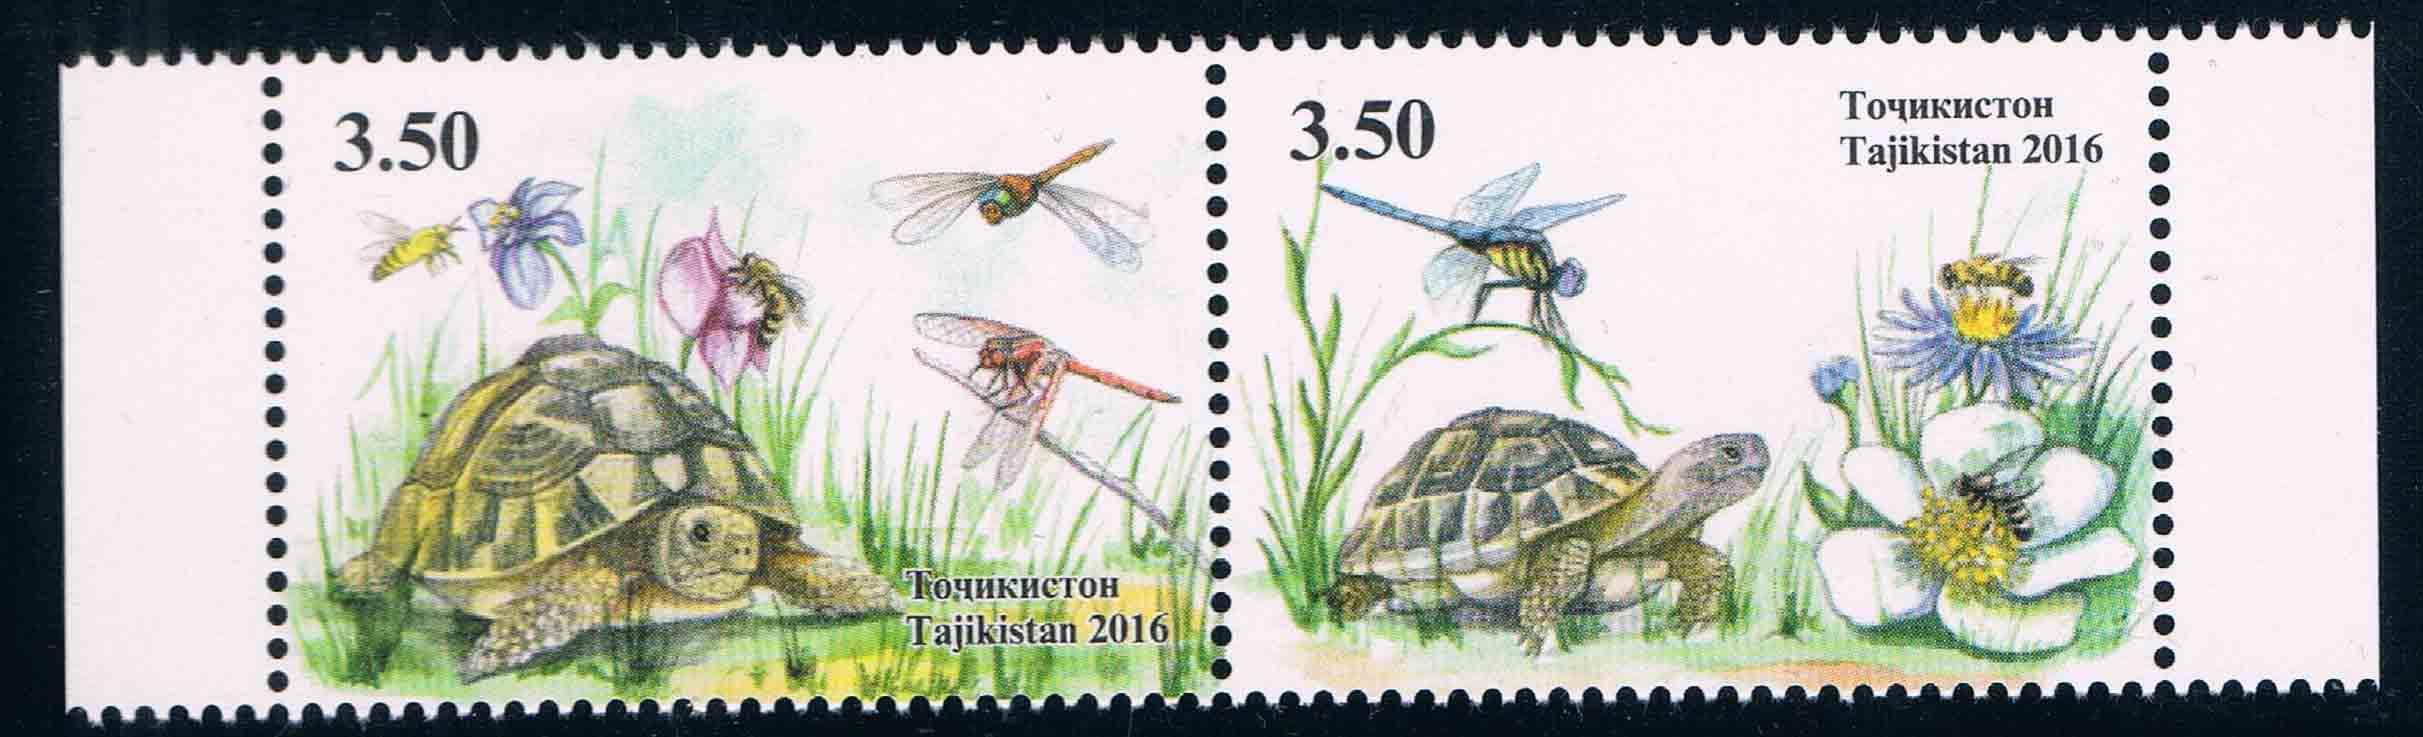 塔吉克斯坦2016龟类动物蜻蜓(大图展示)